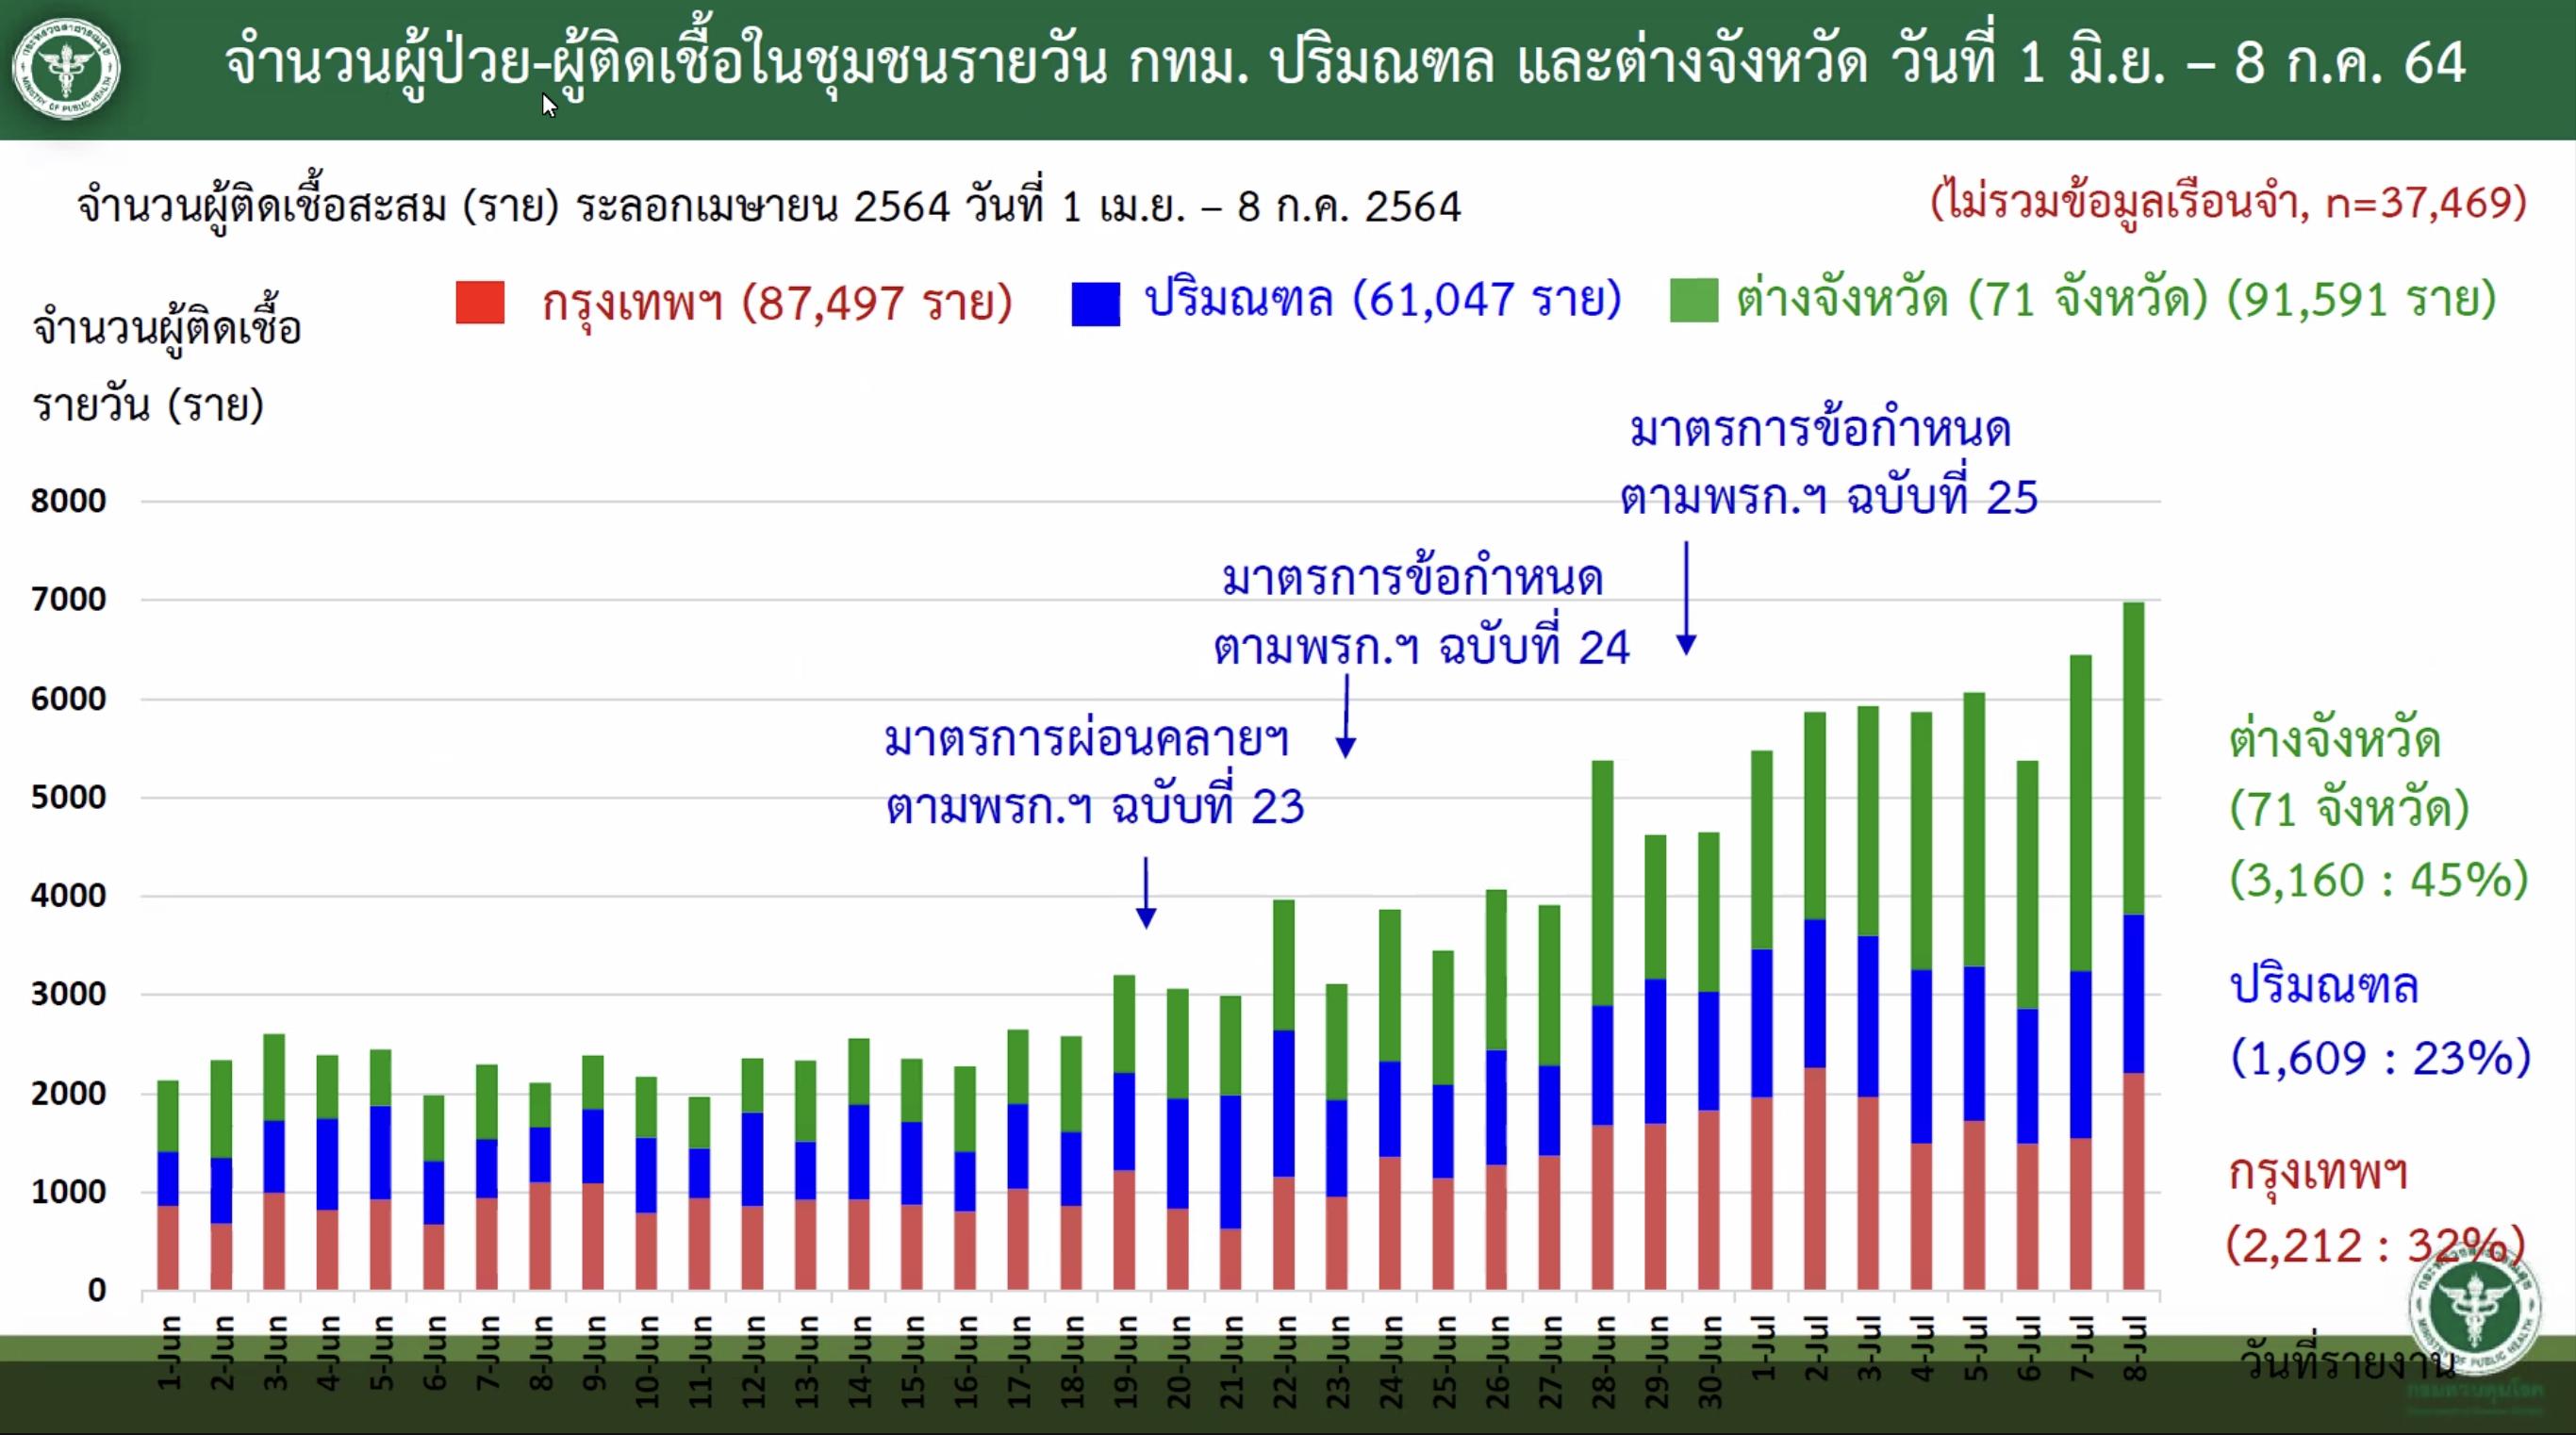 www.thaiguide.dk/images/forum/covid19/smitten%20bkk%20omegn%20resten%2008-07-21.jpg